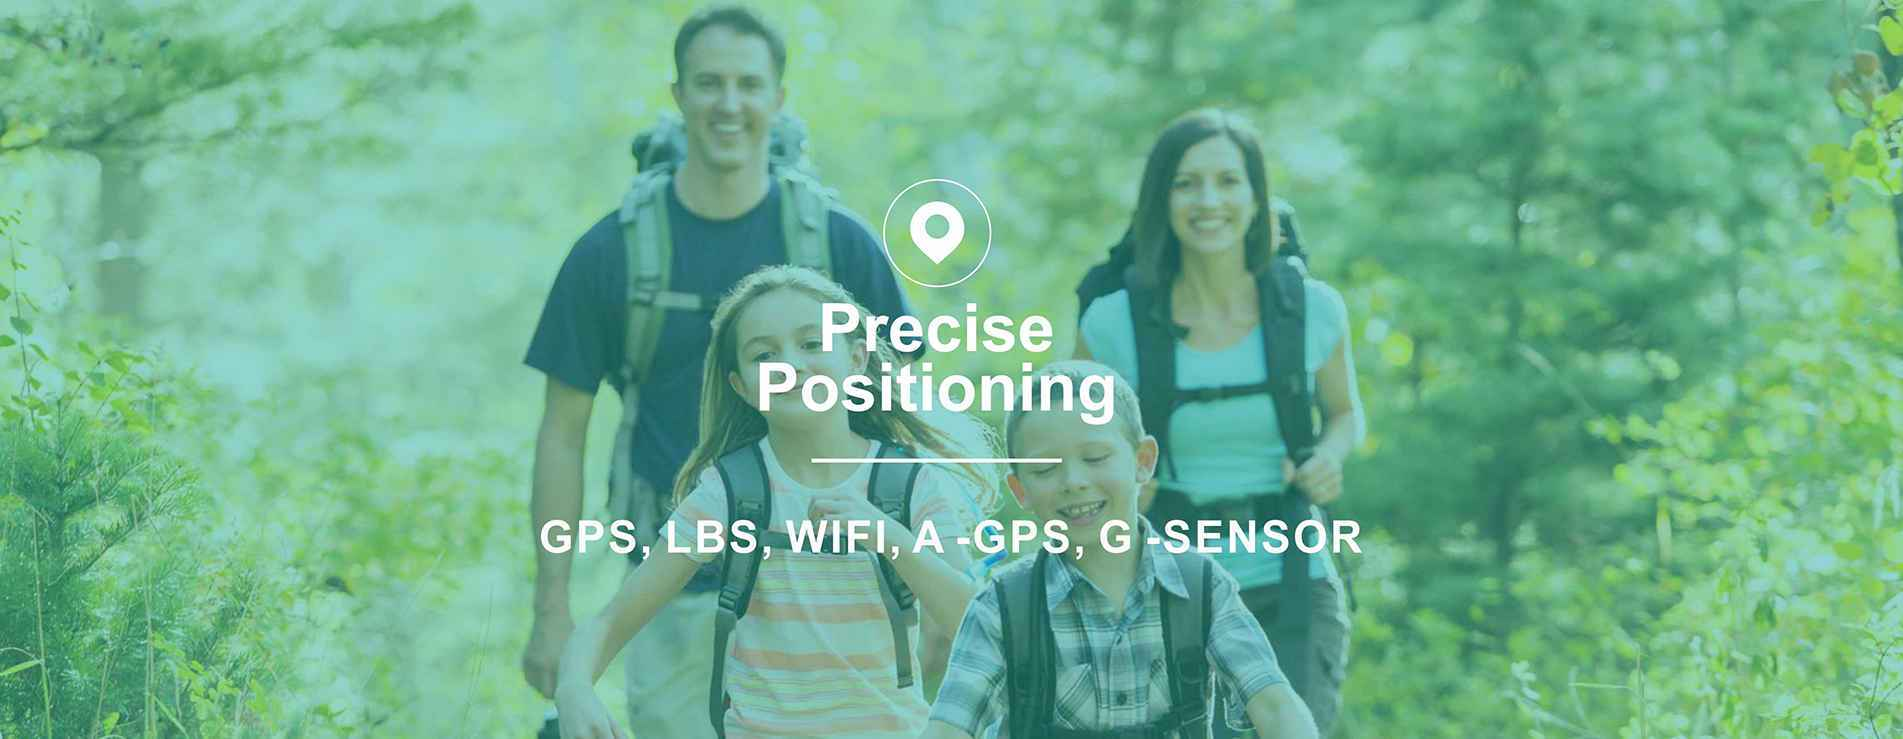 gps lbs wifi agps gsensor position